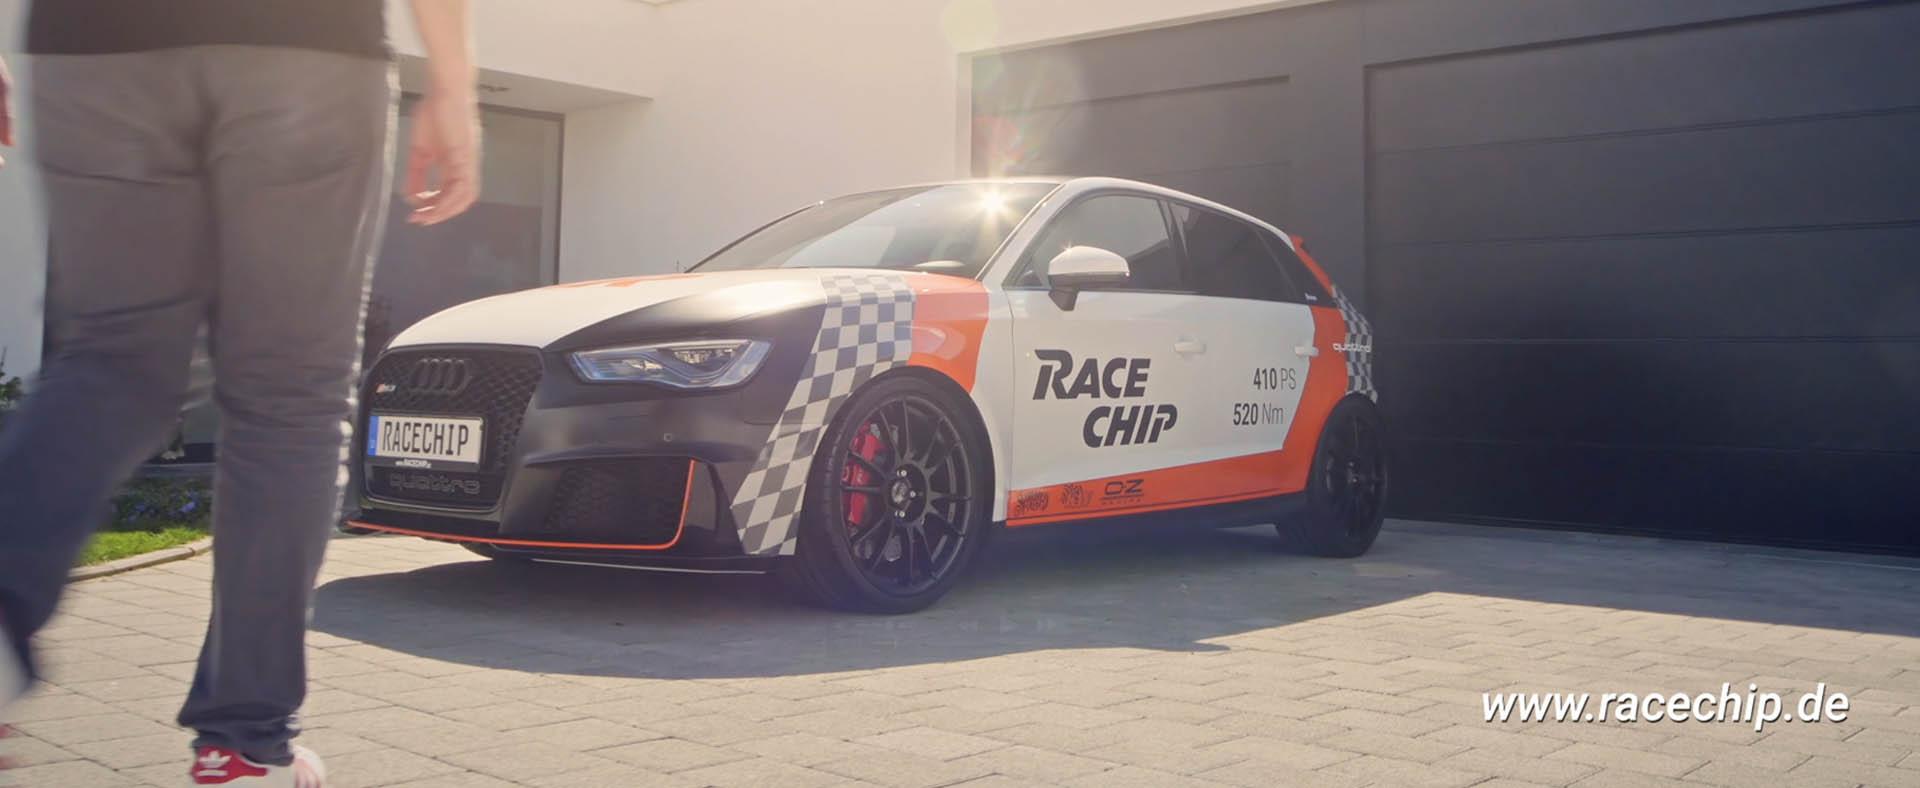 Euromaster und RaceChip besiegeln Kooperation